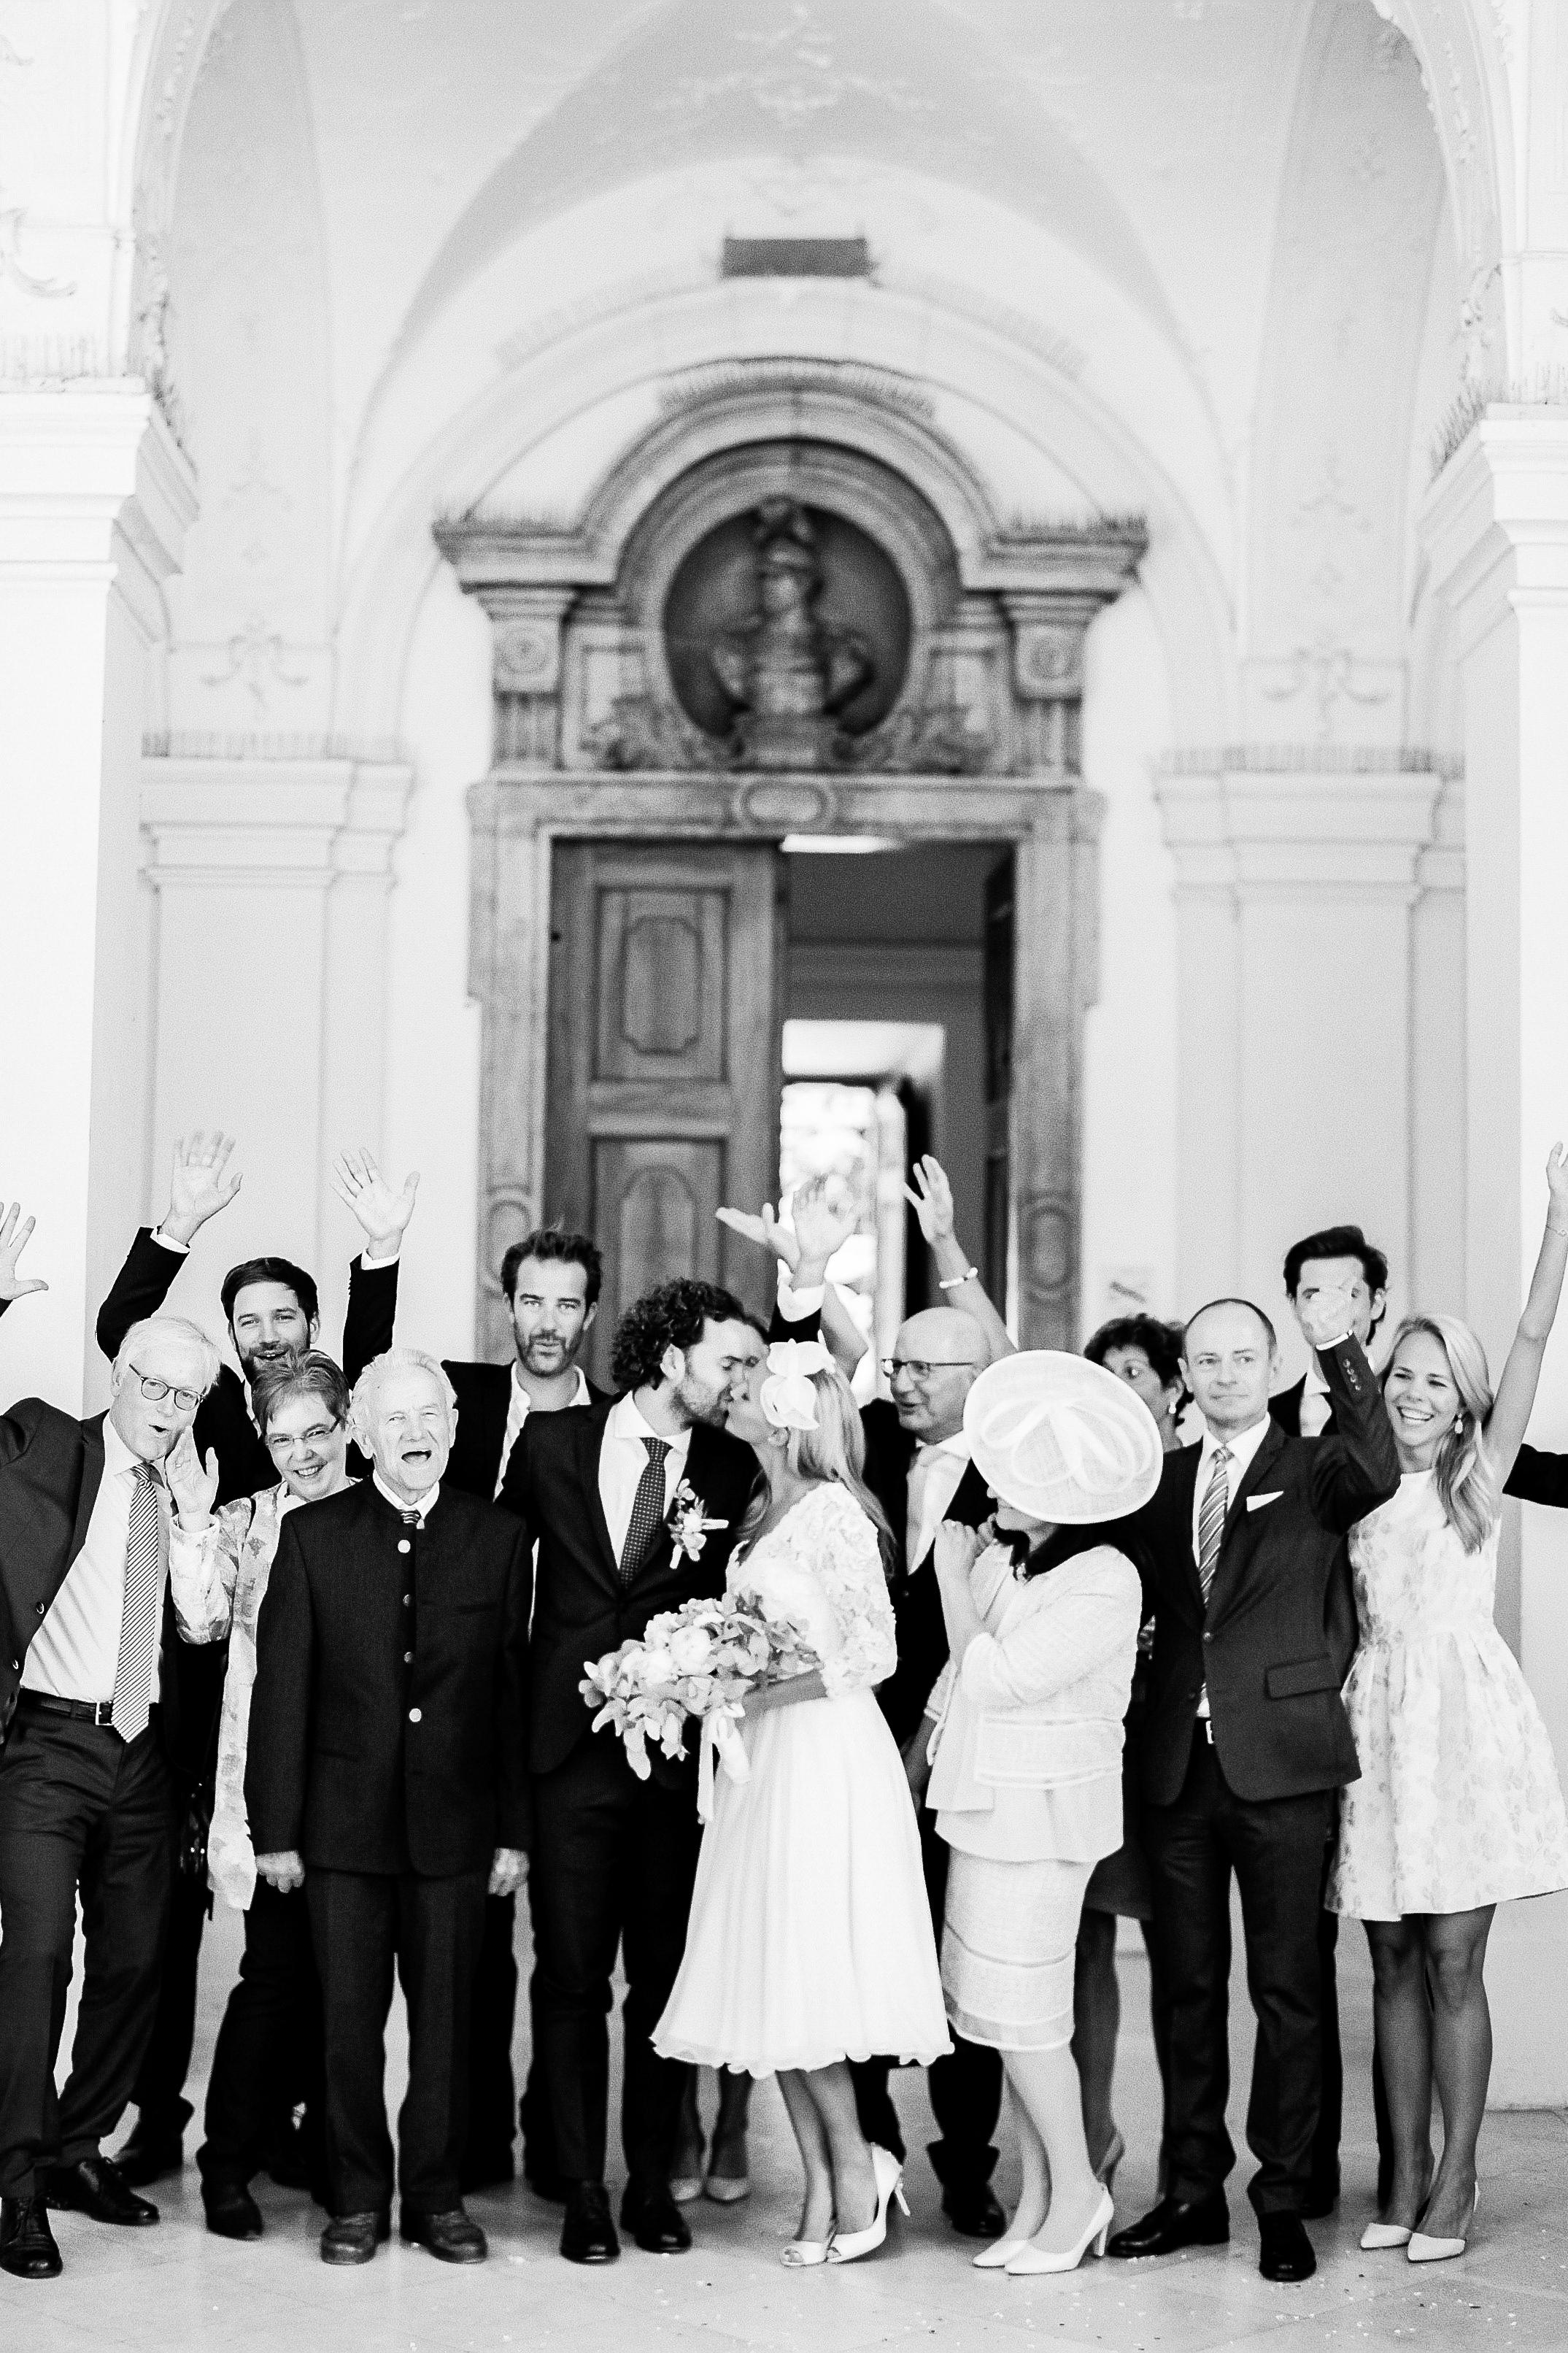 Brides2014–2018 - Meine Bräute 2014–2018